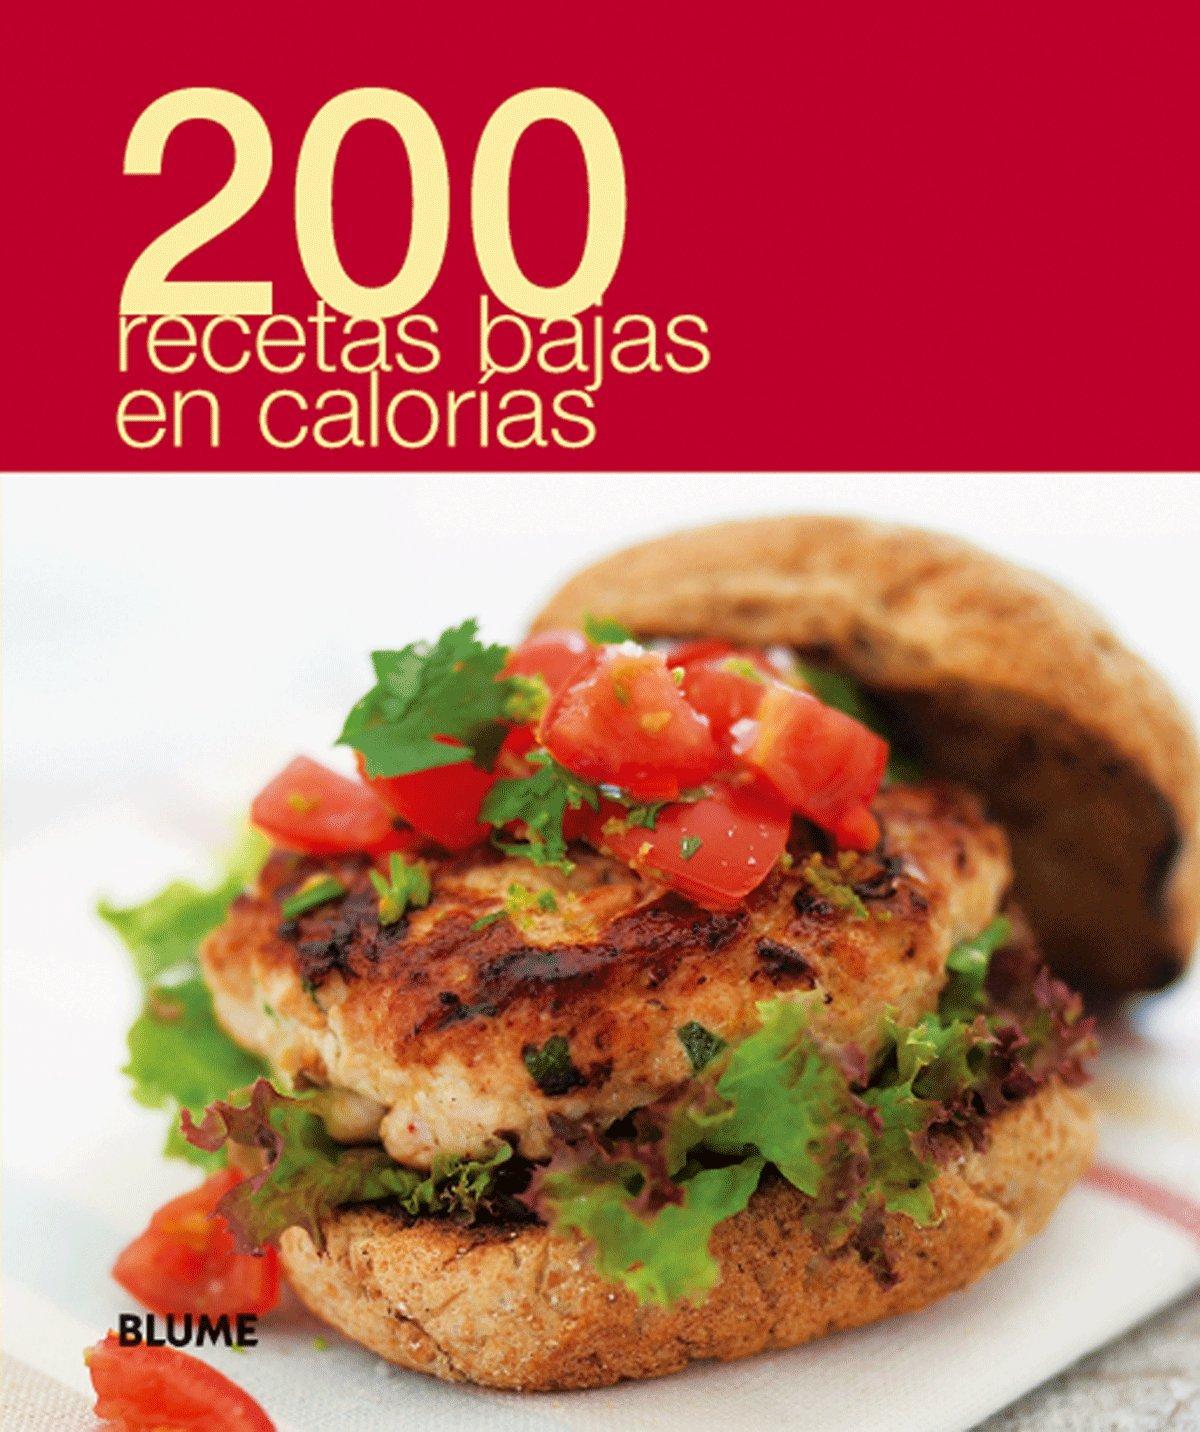 200 Recetas Bajas En Calor As Spanish Edition Blume  ~ Recetas Faciles Y Bajas En Calorias